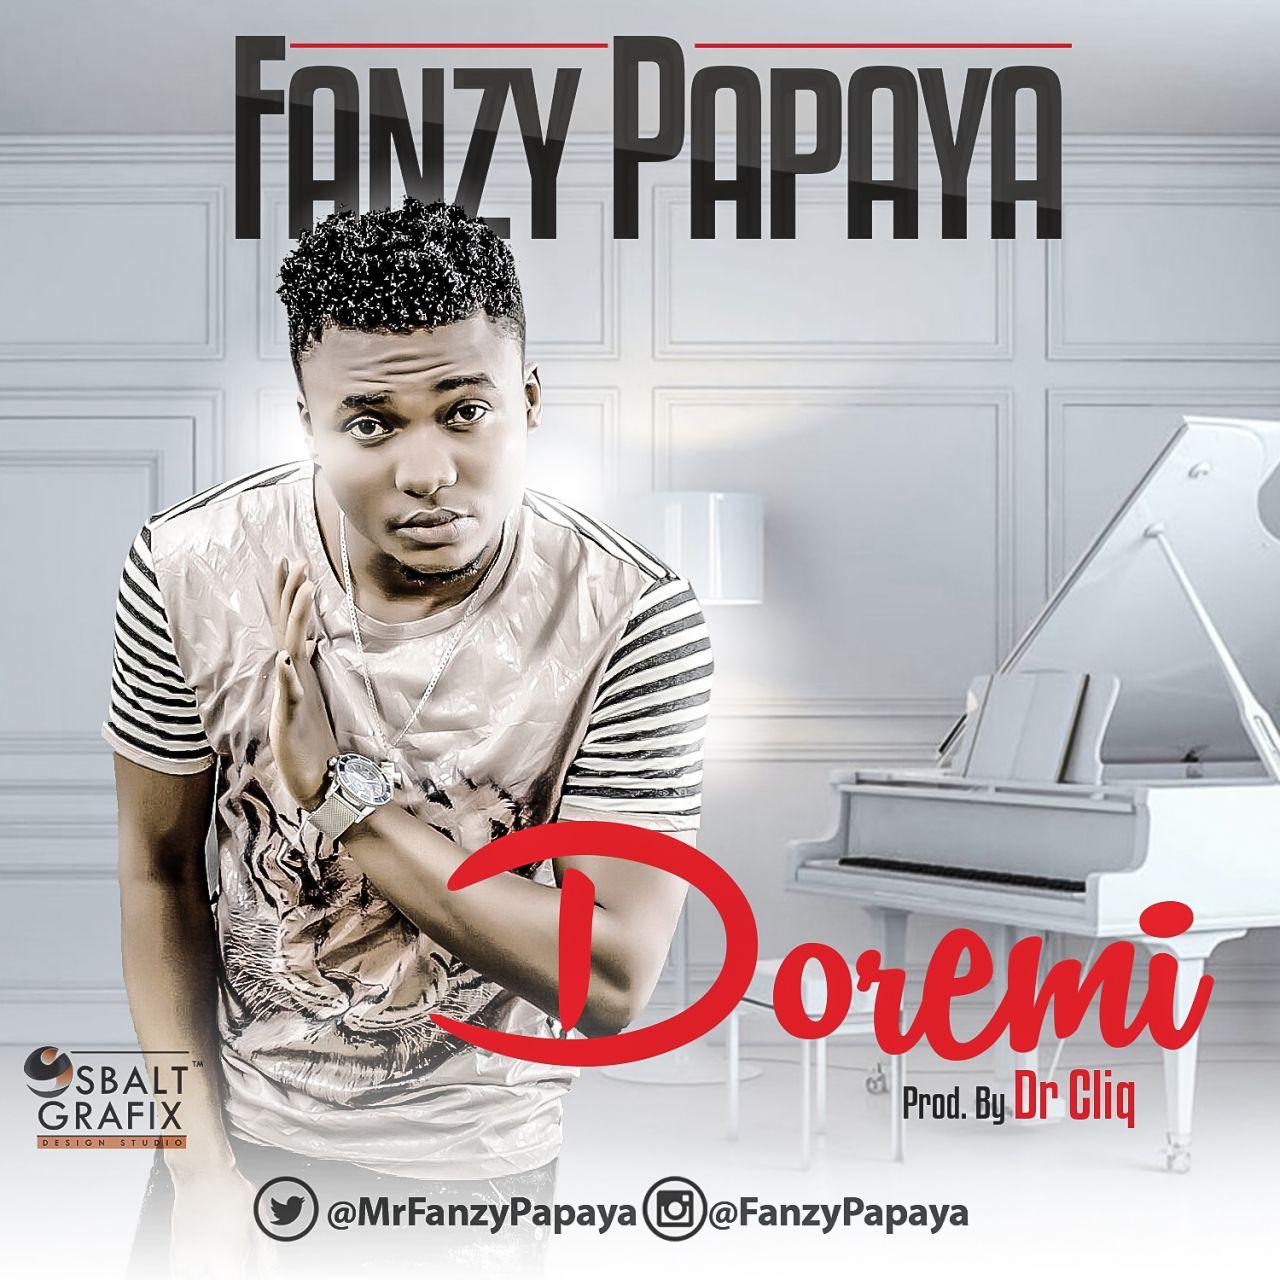 FANZY PAPAYA - DOREMI